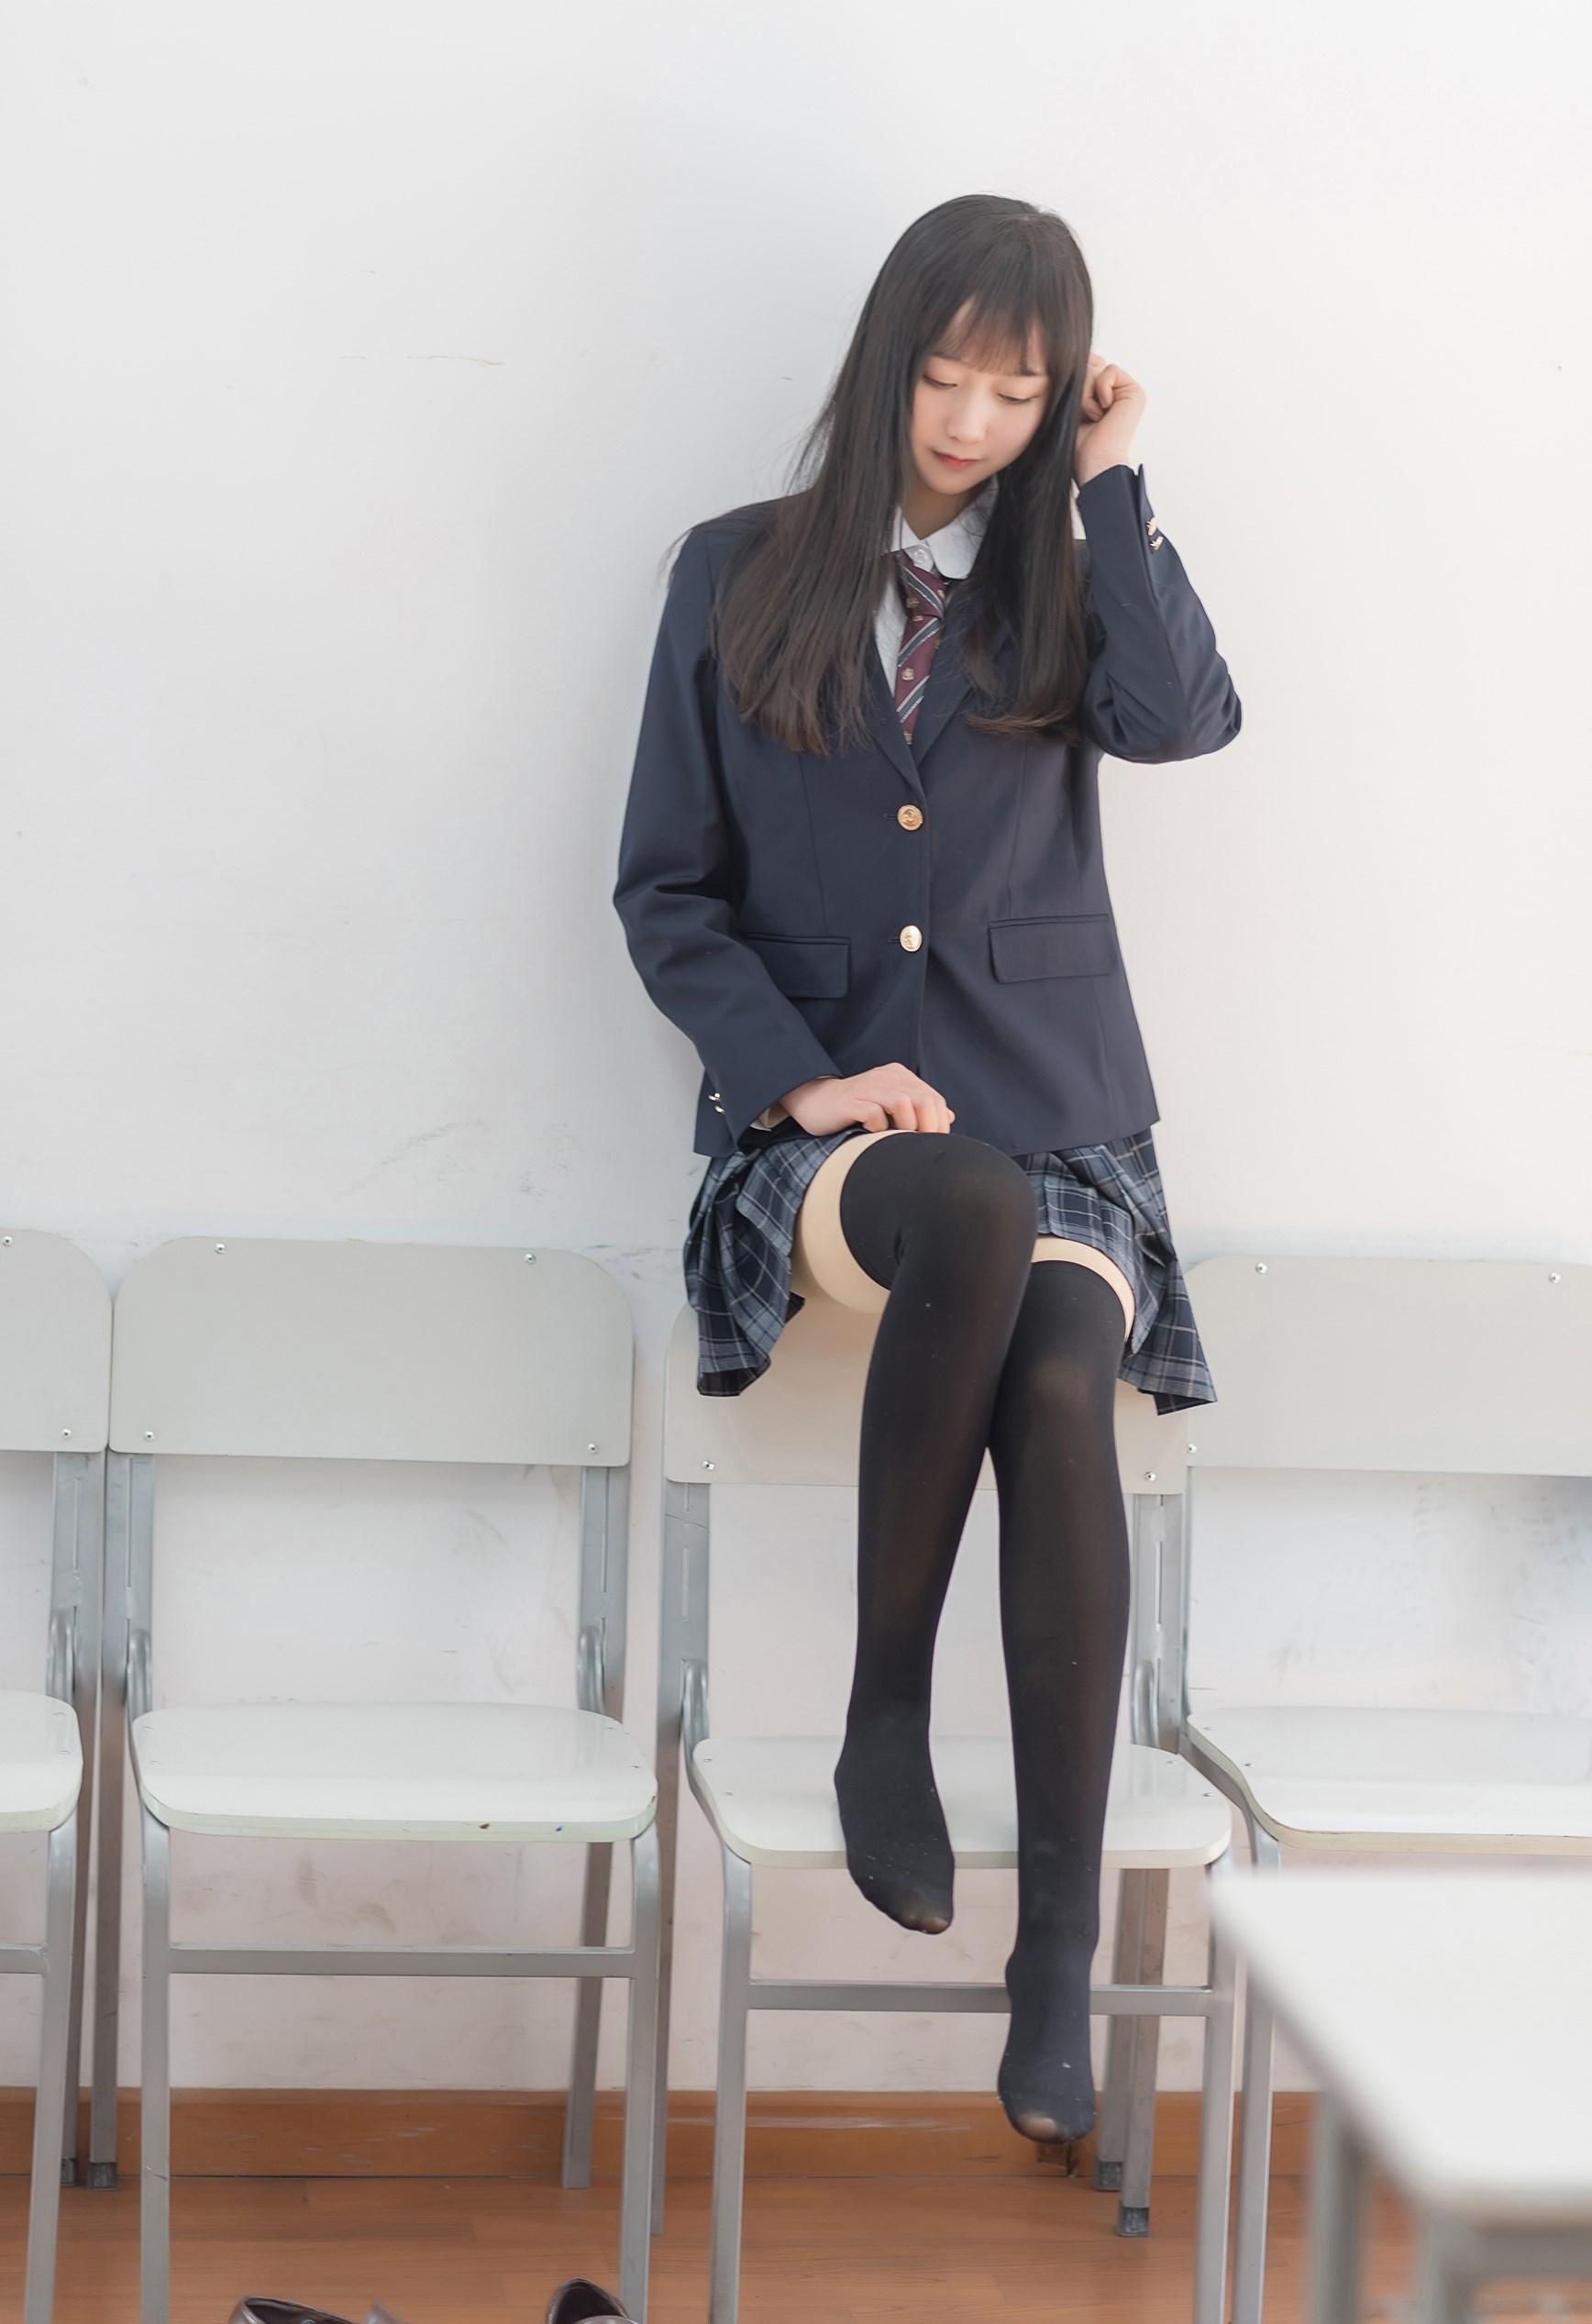 【兔玩映画】学生制服 兔玩映画 第16张